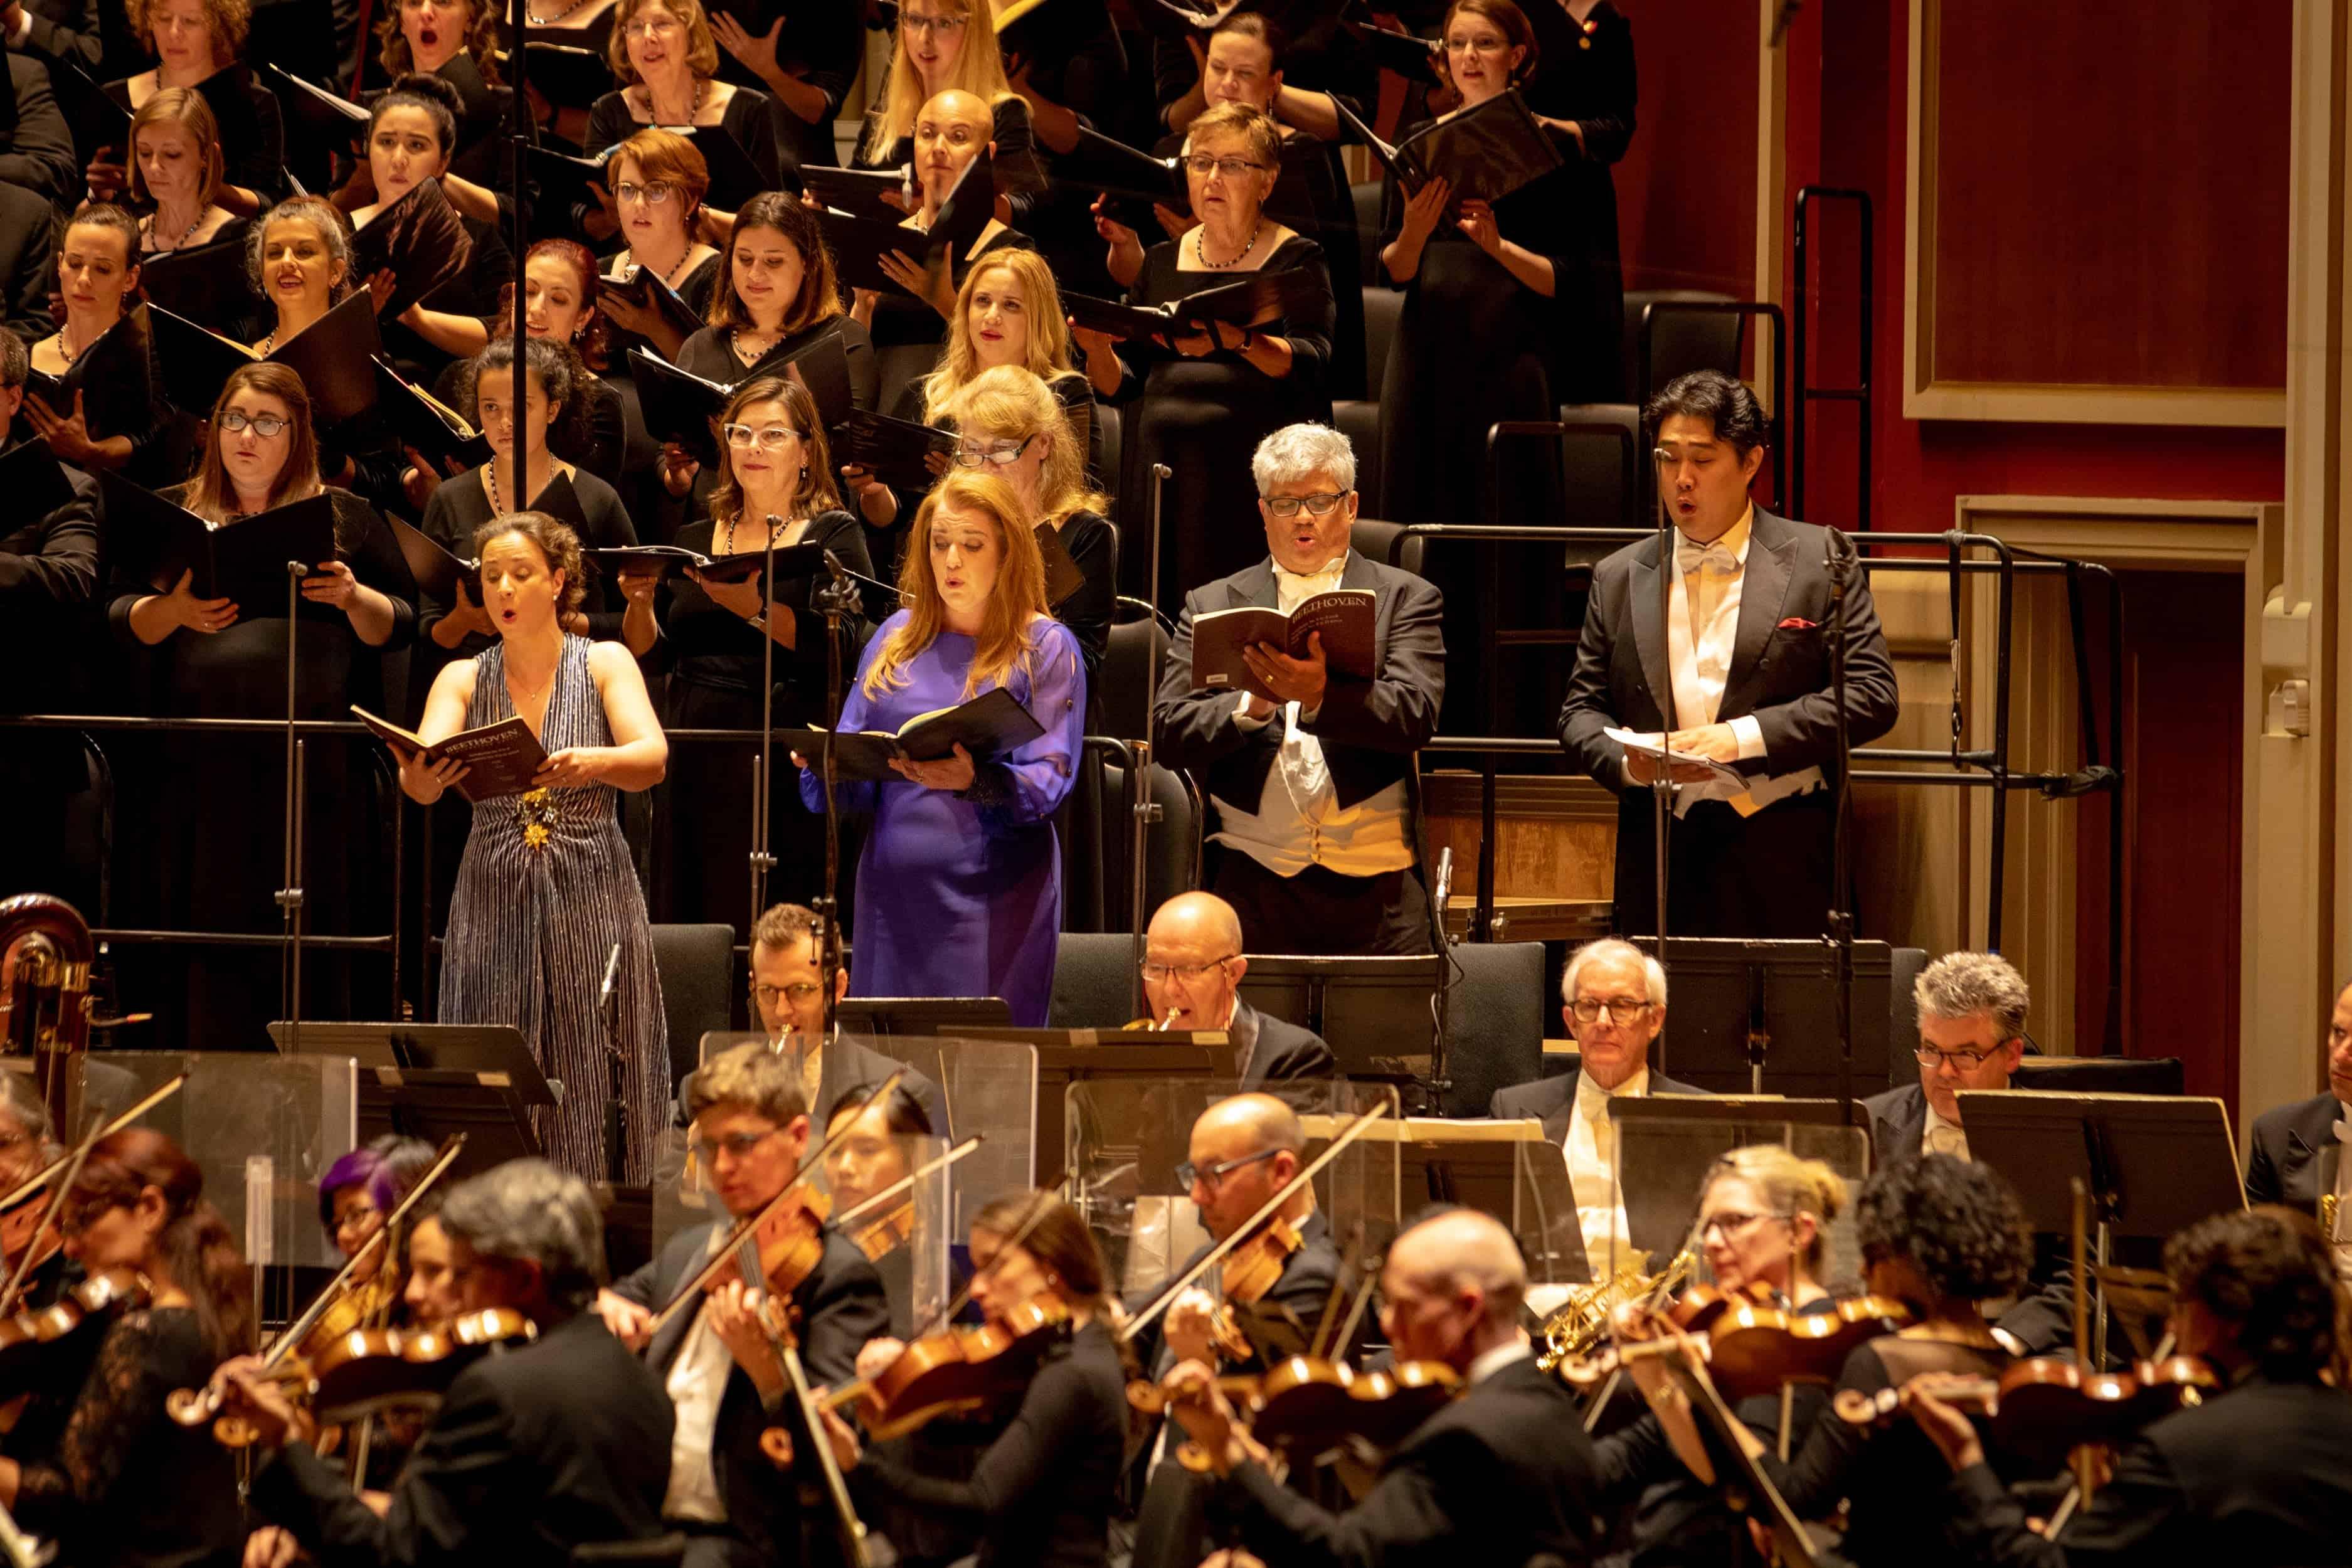 PIttsburgh Symphony Orchestra Beethoven 9 CD concert soloists: Christina Landshamer, JenniferJohnson Cano, Werner Güra, and Shenyang